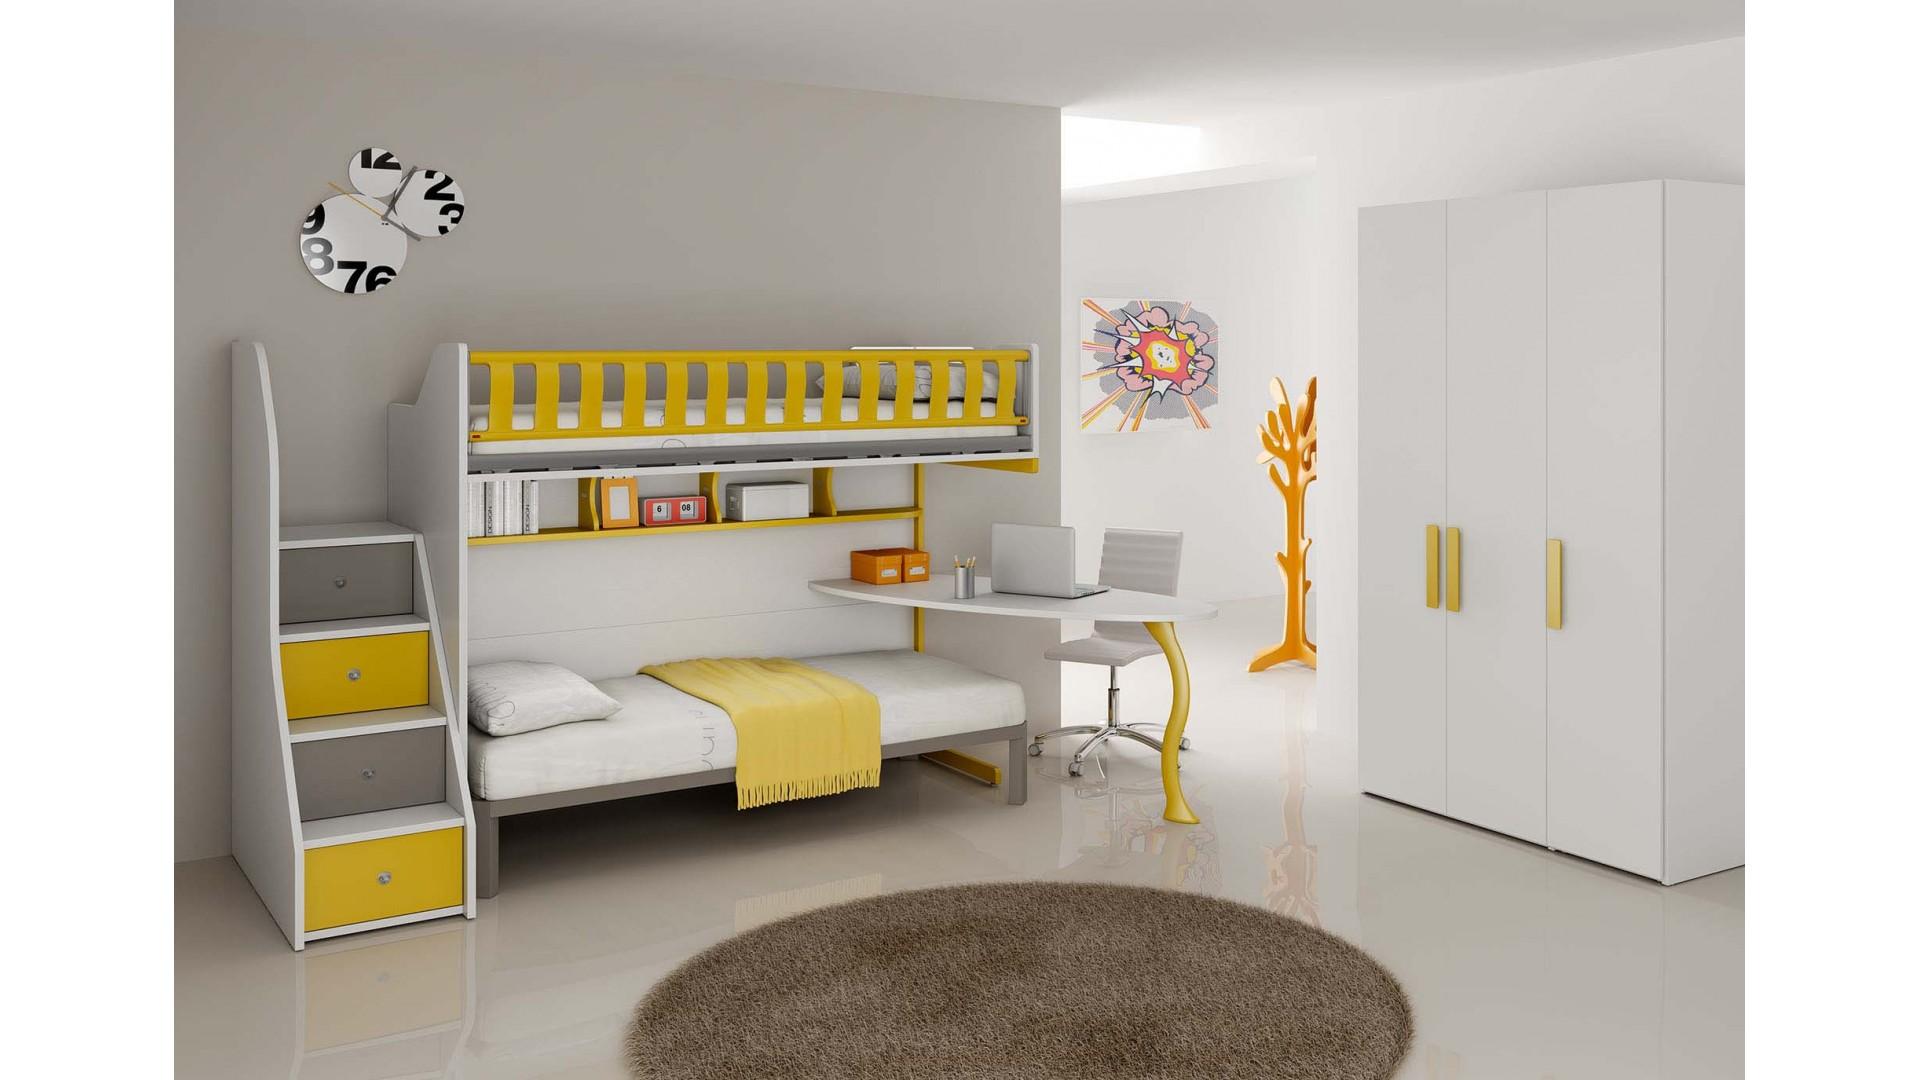 chambre enfant personnalisable bf37 avec lits superposes en mezzanine moretti compact